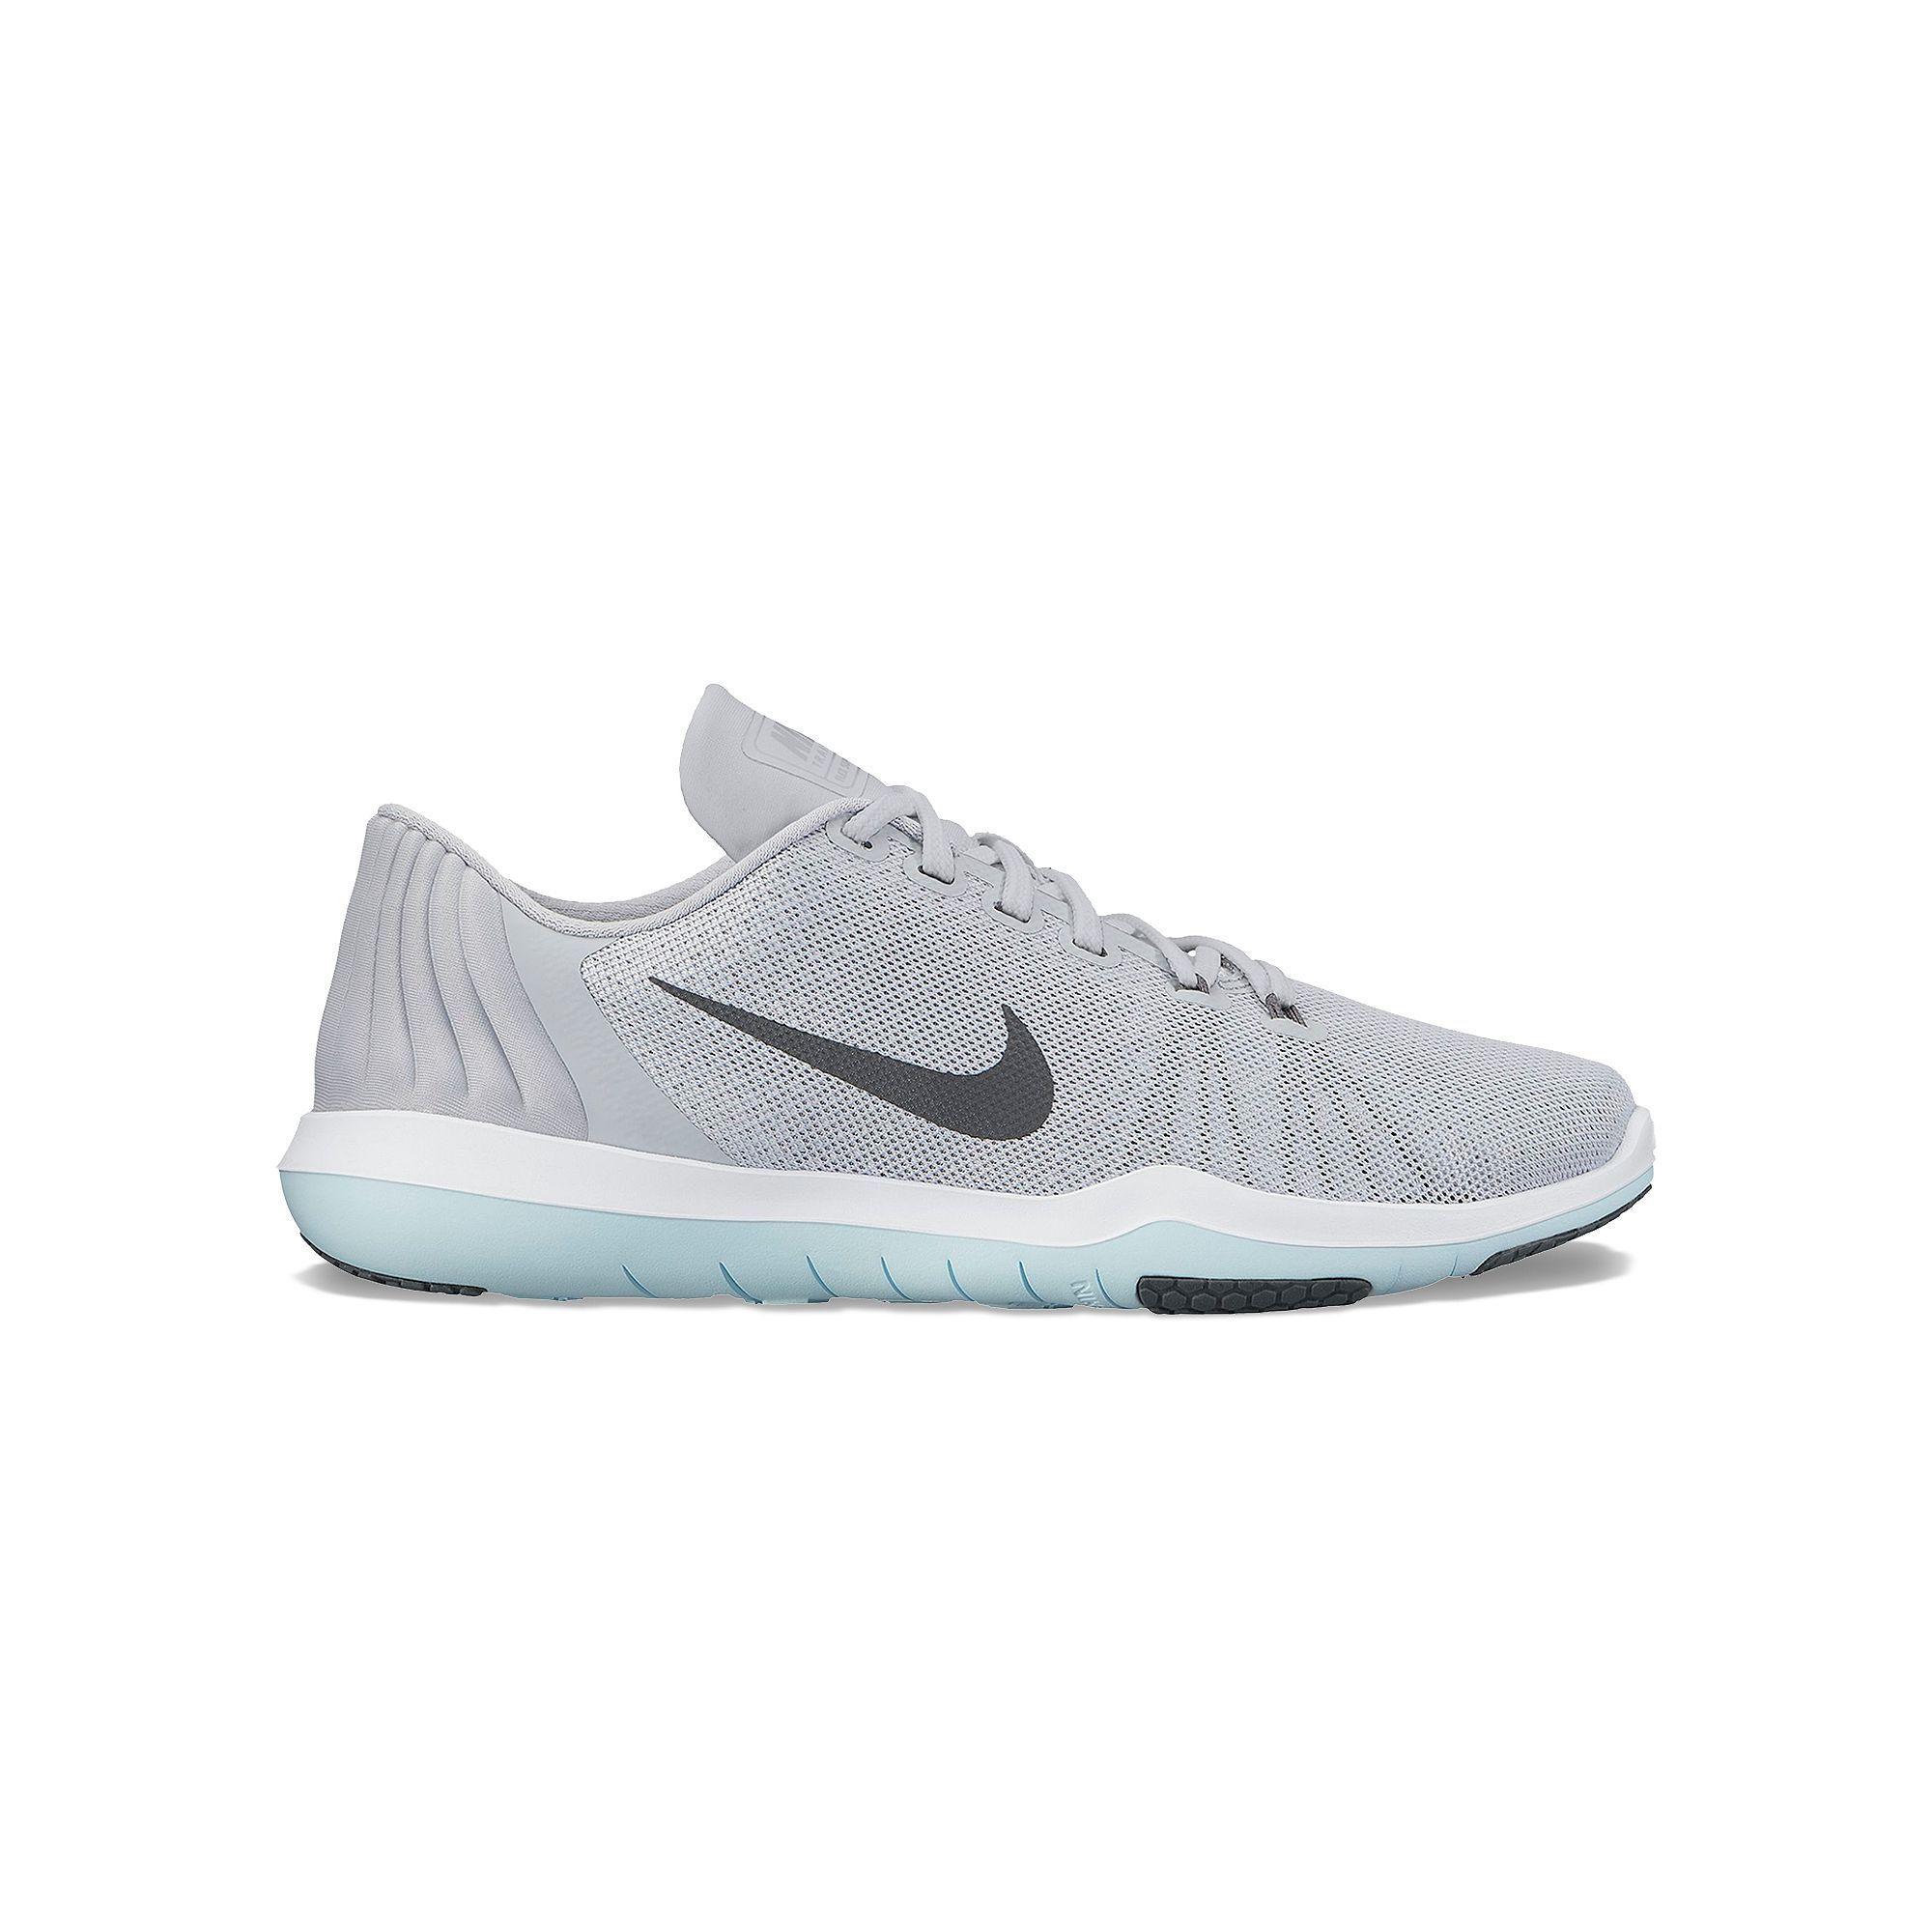 25312c4d986c Nike Flex Supreme TR 5 Women s Cross-Training Shoes